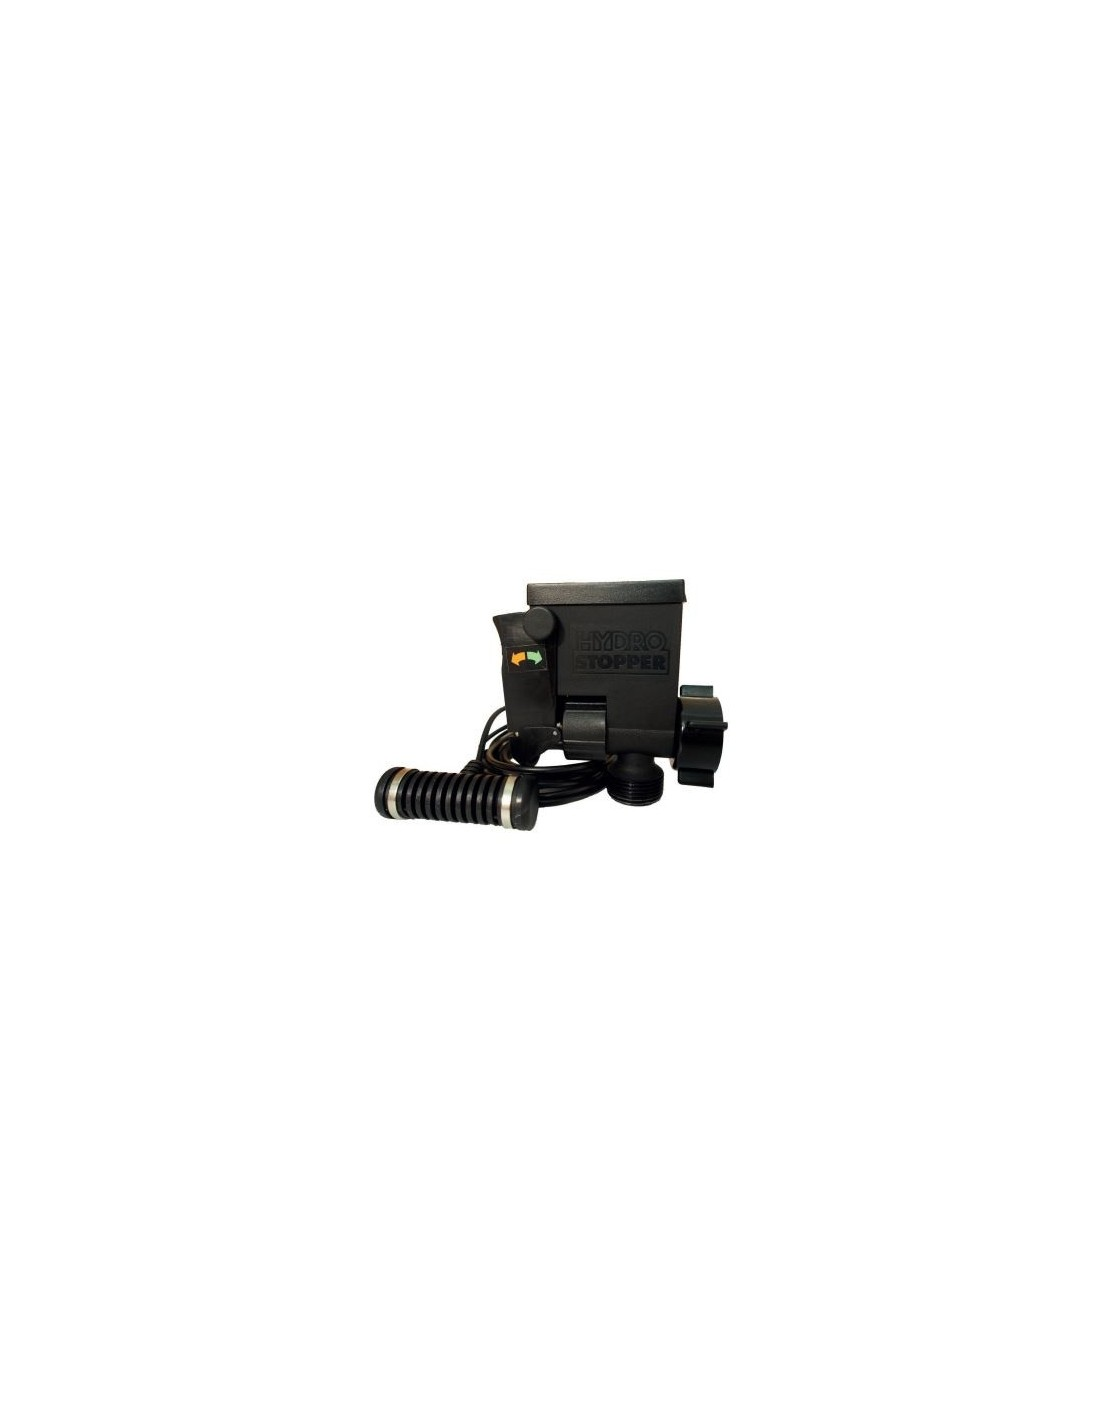 UPP00195 - Tillbehör - Vattenfelsbrytare Hydro-Stopper